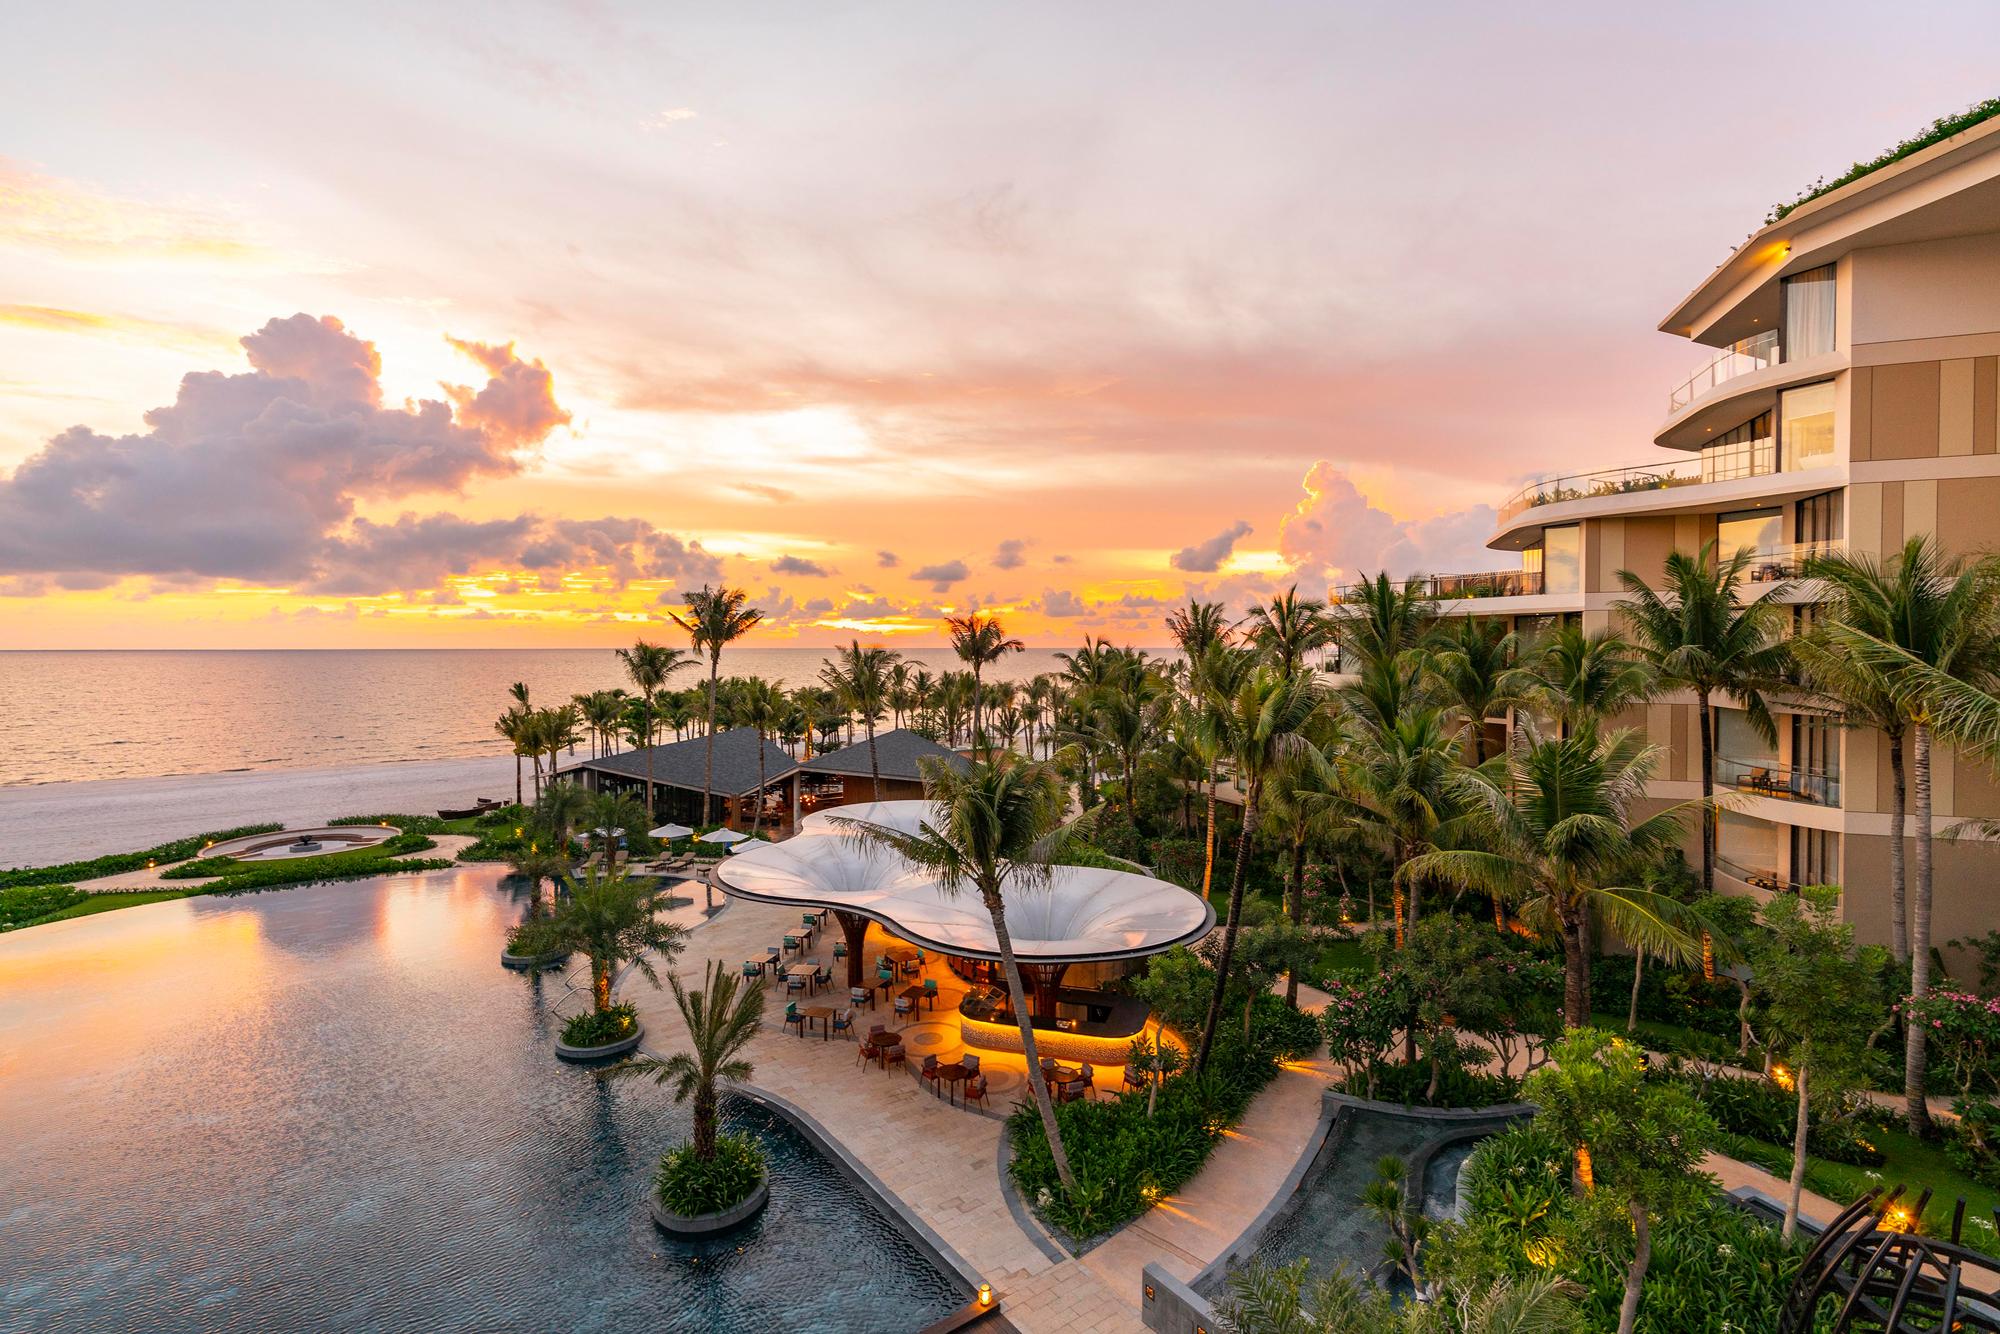 InterContinental Phu Quoc Long Beach Resort đạt cú đúp 3 giải thưởng danh giá tại WTA 2018 1